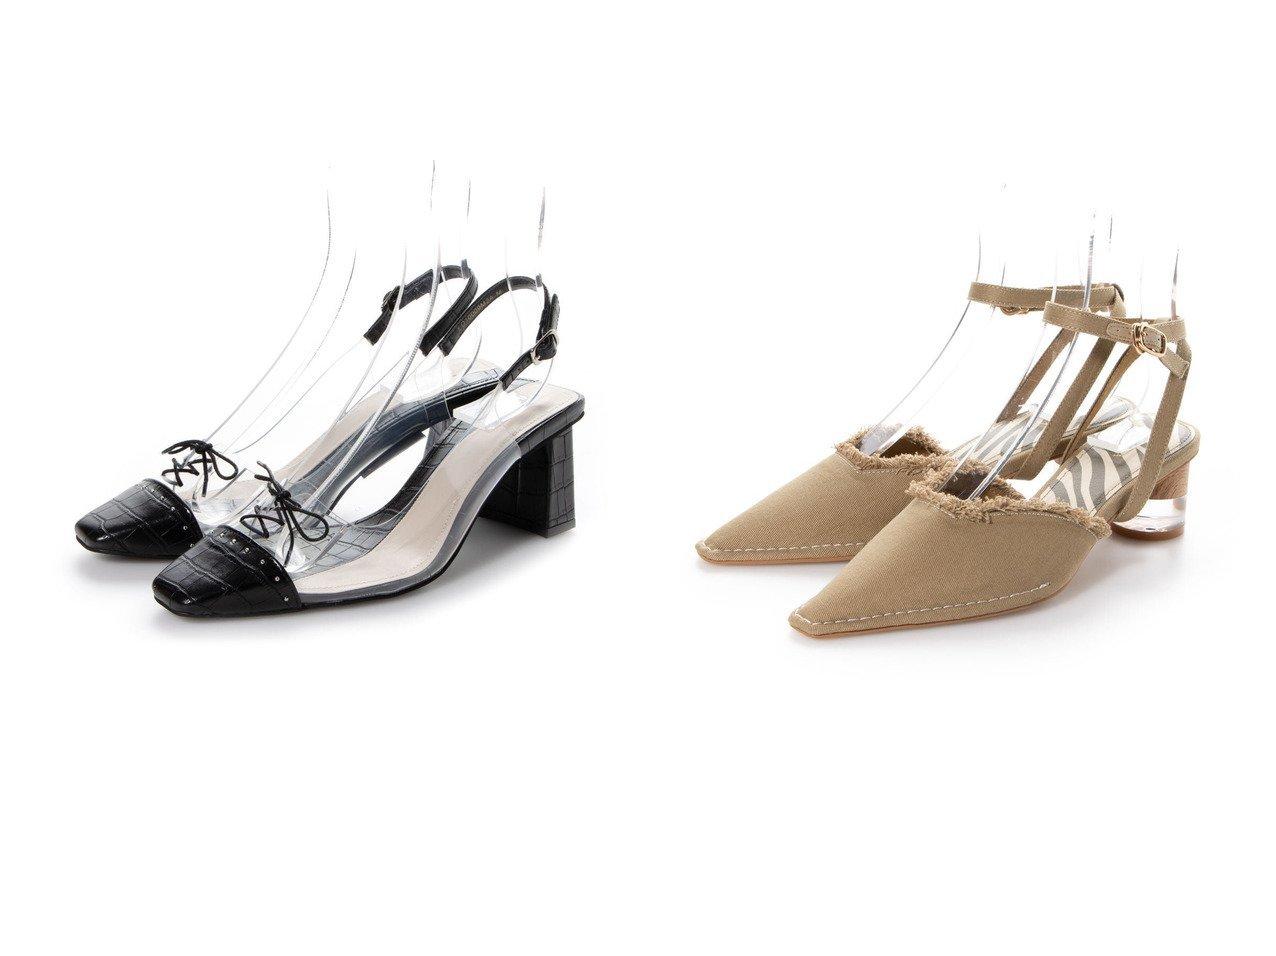 【RANDA/ランダ】のソフト ウッド×クリアヒールフリンジバックストラップパンプス&レースアップバックストラップクリアパンプス シューズ・靴のおすすめ!人気、トレンド・レディースファッションの通販 おすすめで人気の流行・トレンド、ファッションの通販商品 メンズファッション・キッズファッション・インテリア・家具・レディースファッション・服の通販 founy(ファニー) https://founy.com/ ファッション Fashion レディースファッション WOMEN バッグ Bag 2021年 2021 2021 春夏 S/S SS Spring/Summer 2021 S/S 春夏 SS Spring/Summer アニマル ウッド エレガント コンビ フリンジ ラップ レース 春 Spring |ID:crp329100000023926